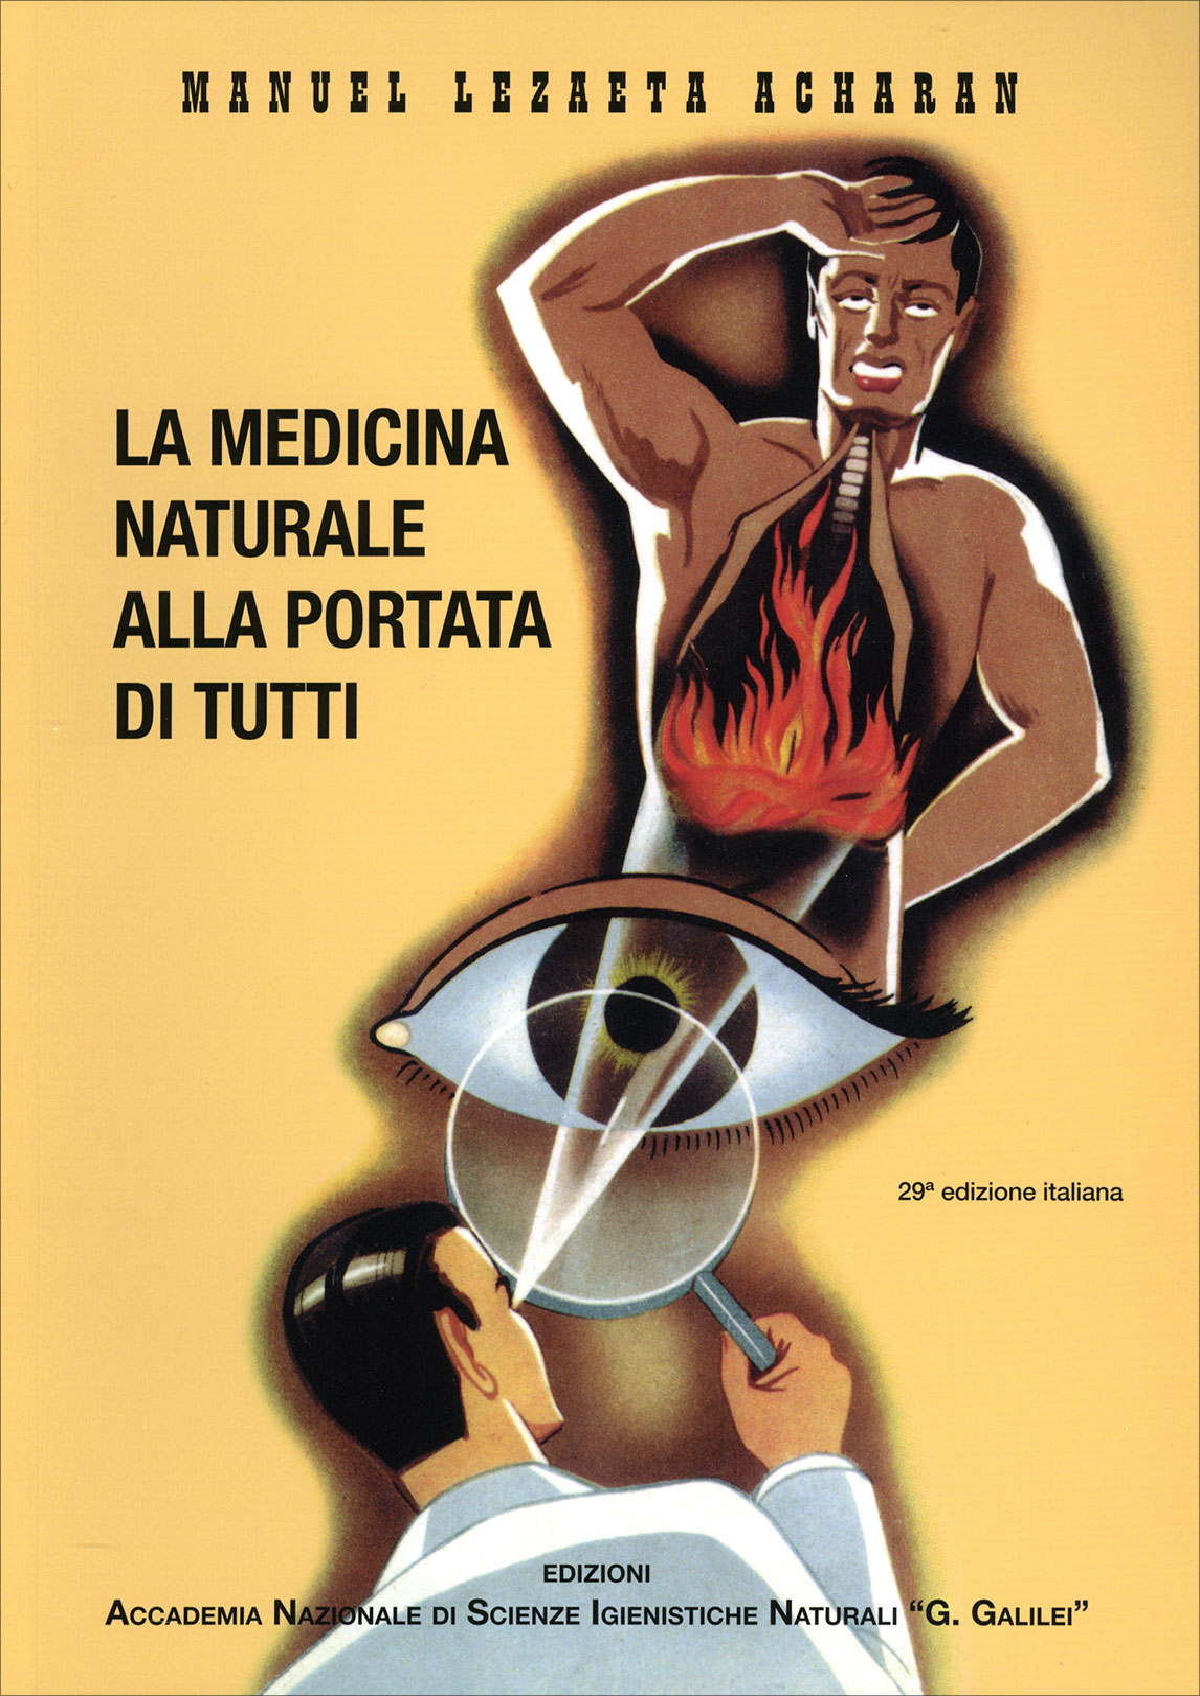 La Medicina Naturale Alla Portata Di Tutti Acharan